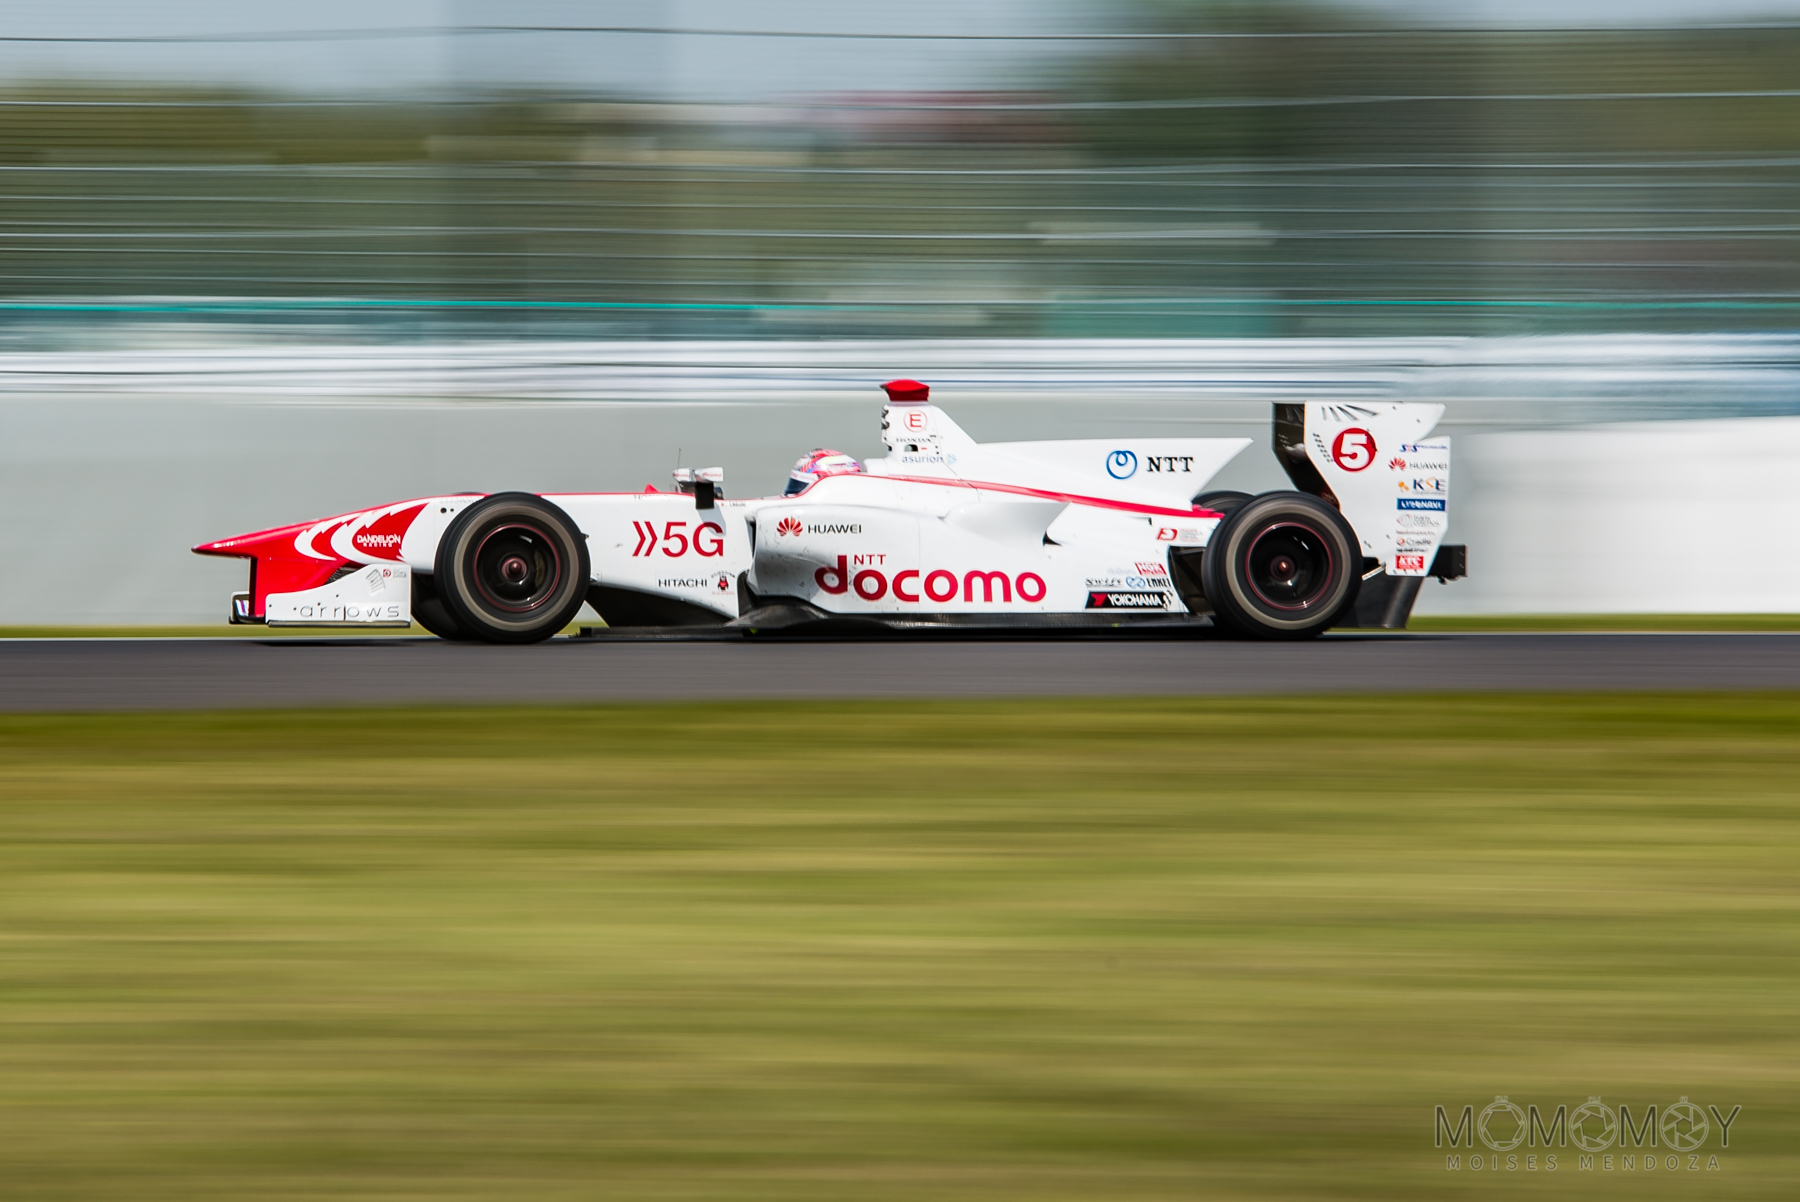 Suzuka 2&4 Race